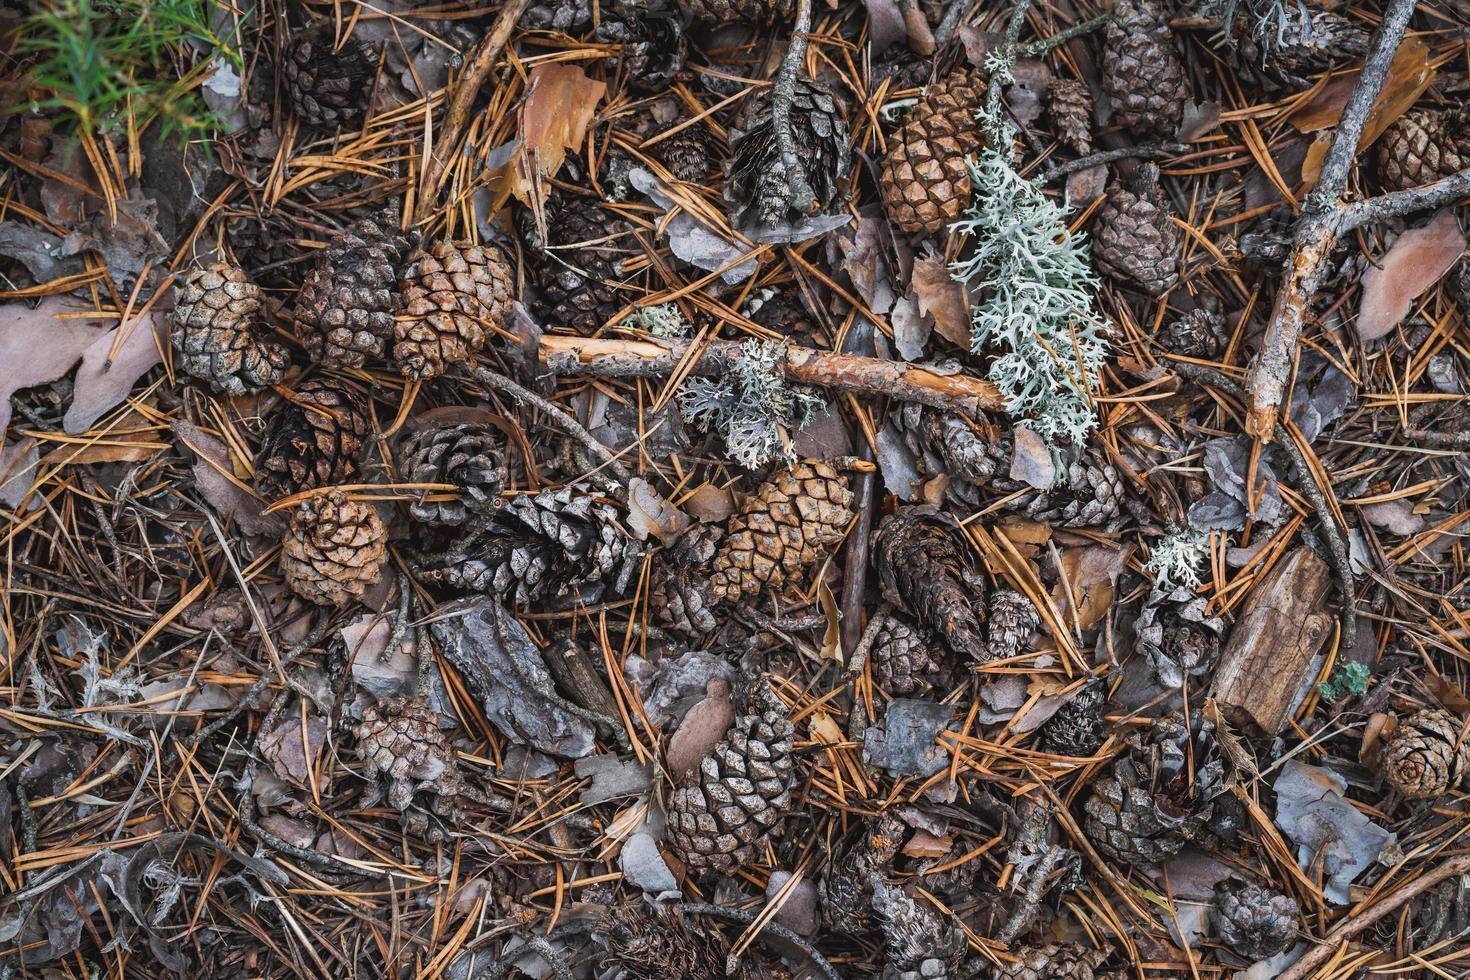 pinhas no chão da floresta foto